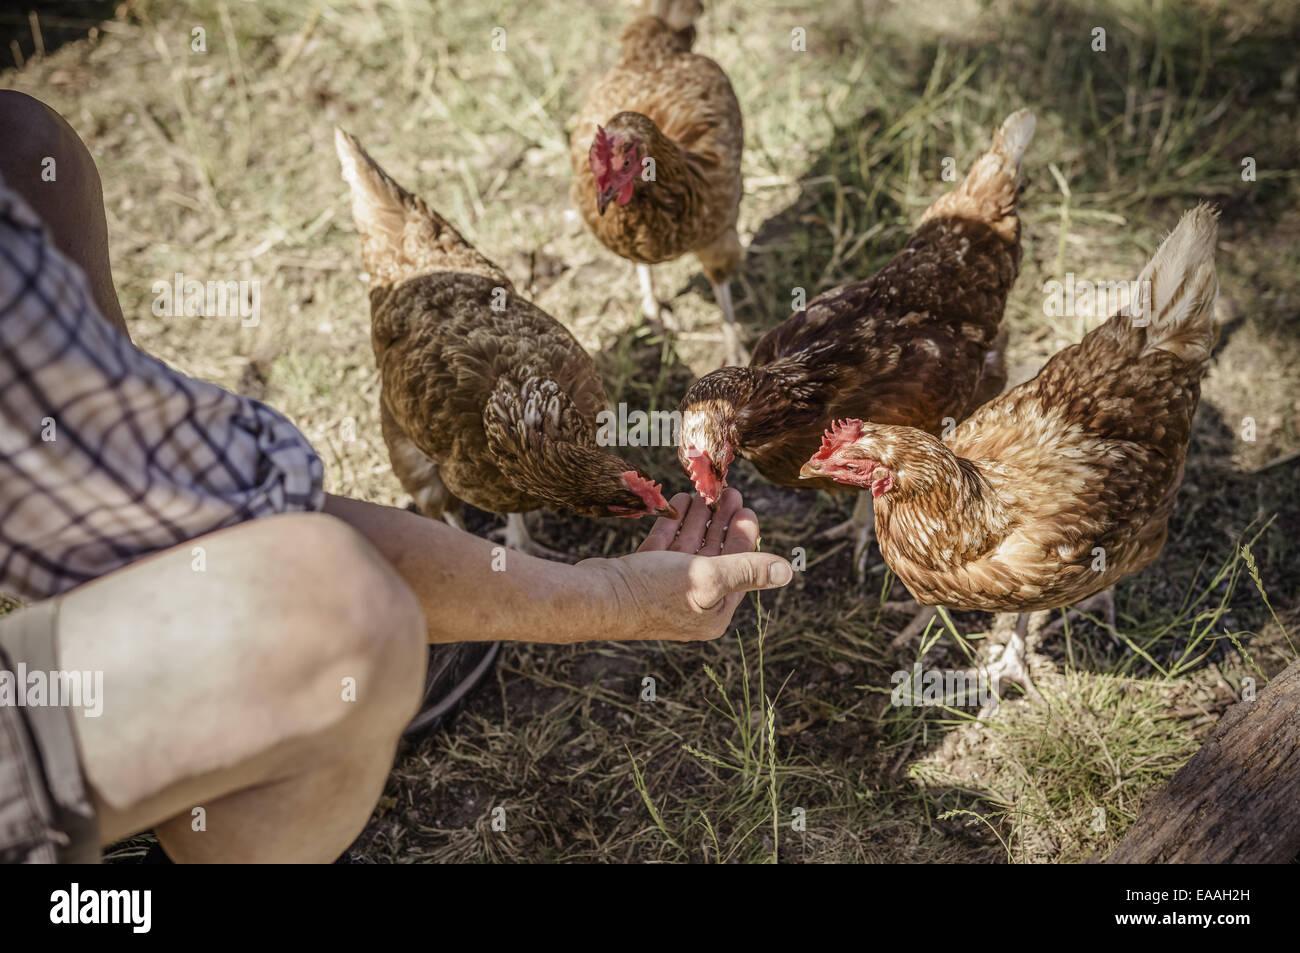 Alimentazione uomo quattro polli. Immagini Stock